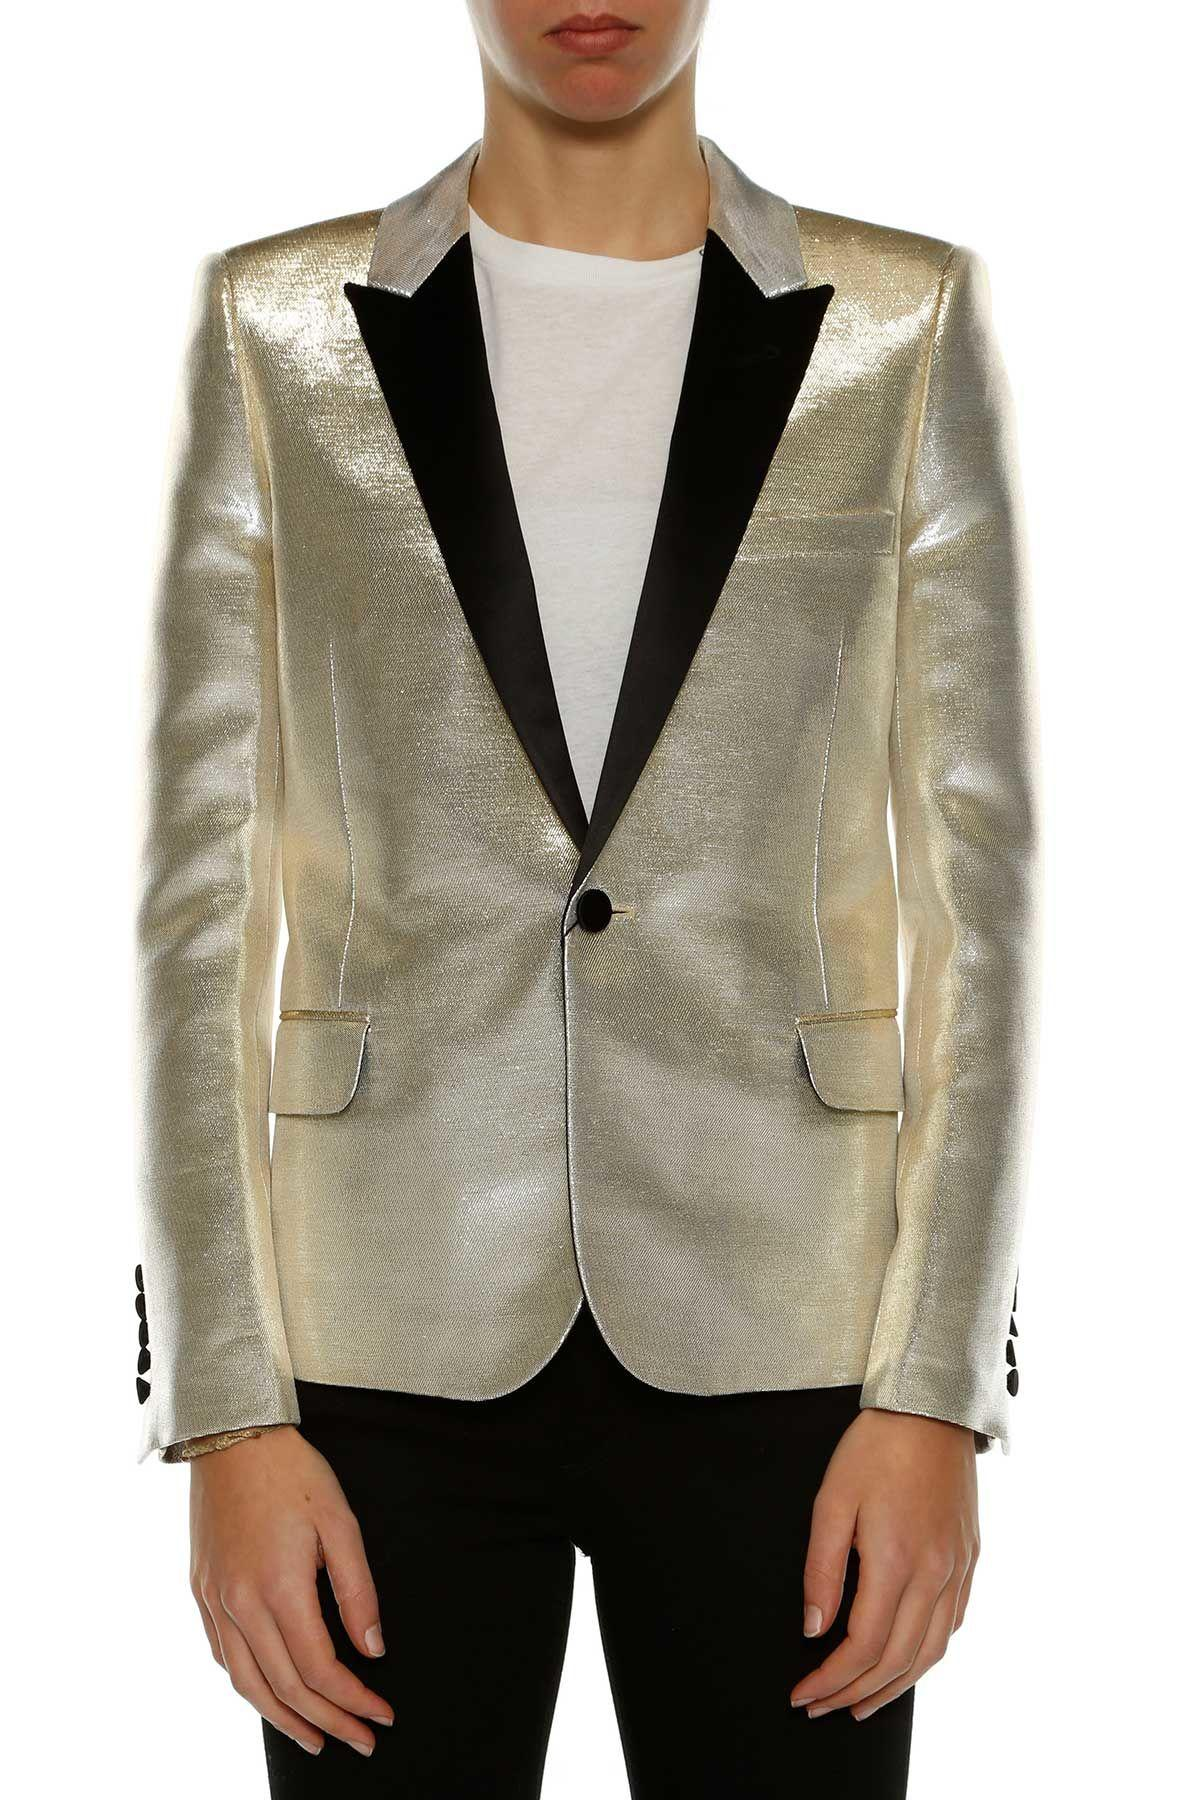 Saint Laurent Cotton Blend Blazer With Lurex In Metal